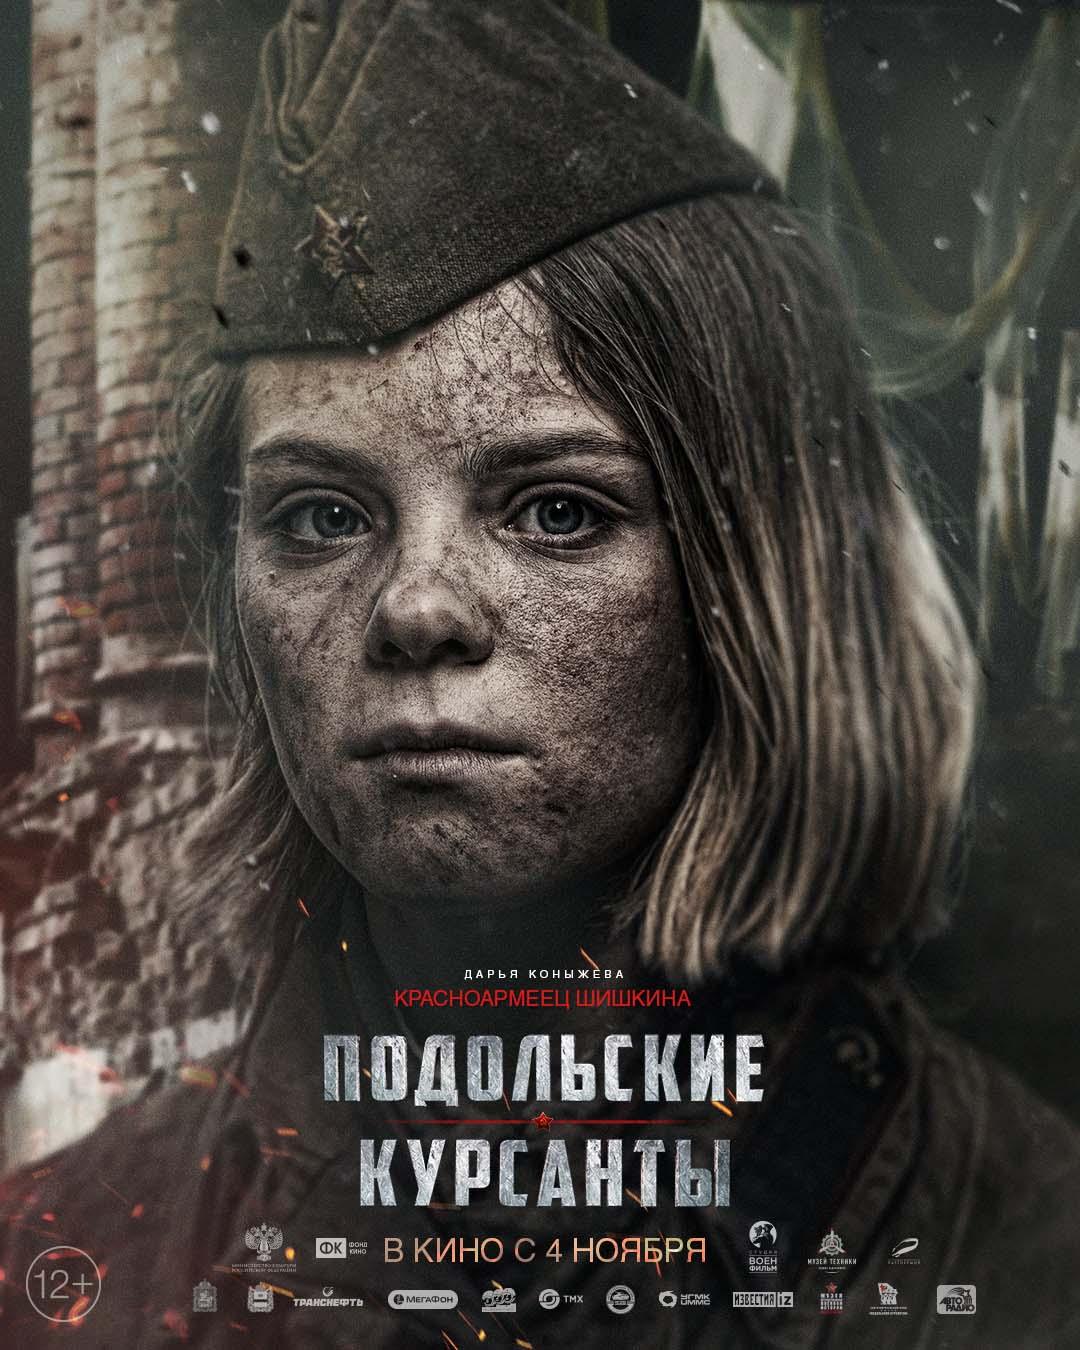 Подольские курсанты 2020 Персонажный постер 6